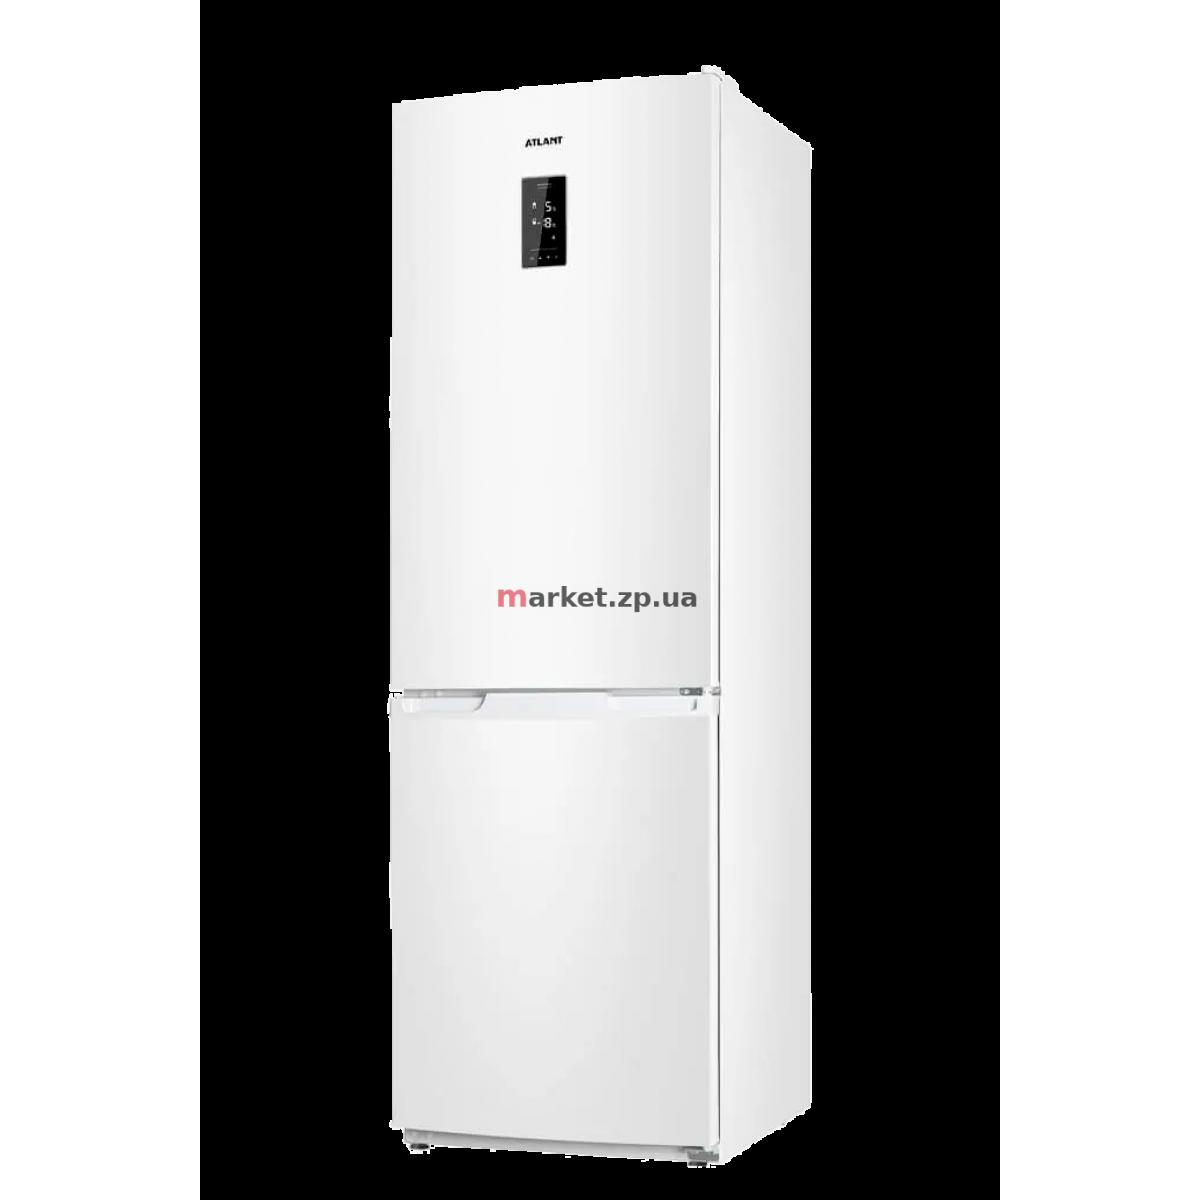 Холодильник ATLANT XM-4421-509-ND